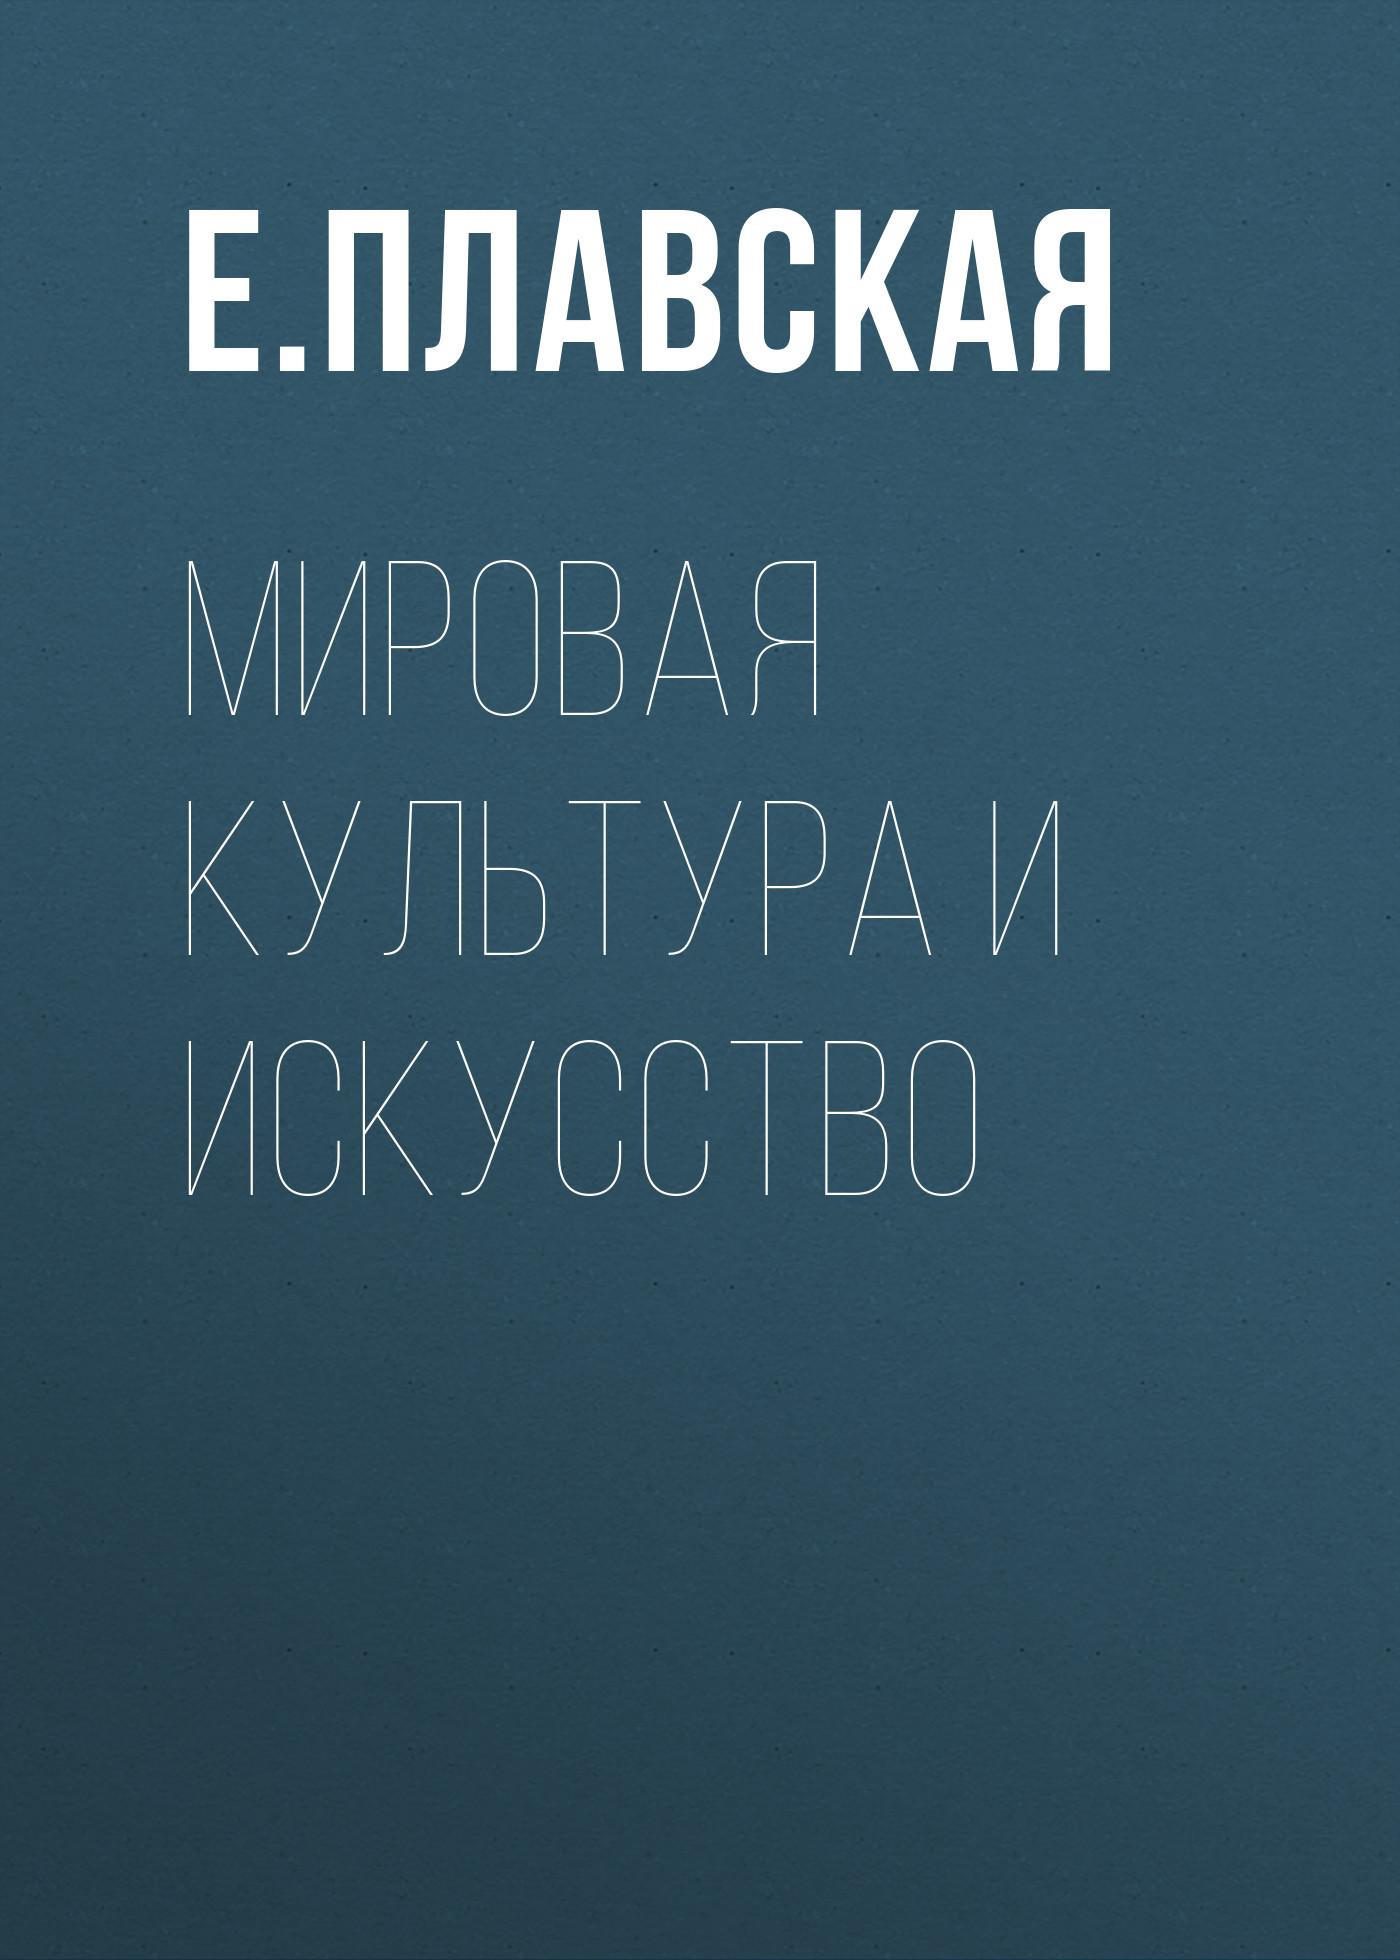 Фото - Е. Плавская Мировая культура и искусство культура и искусство